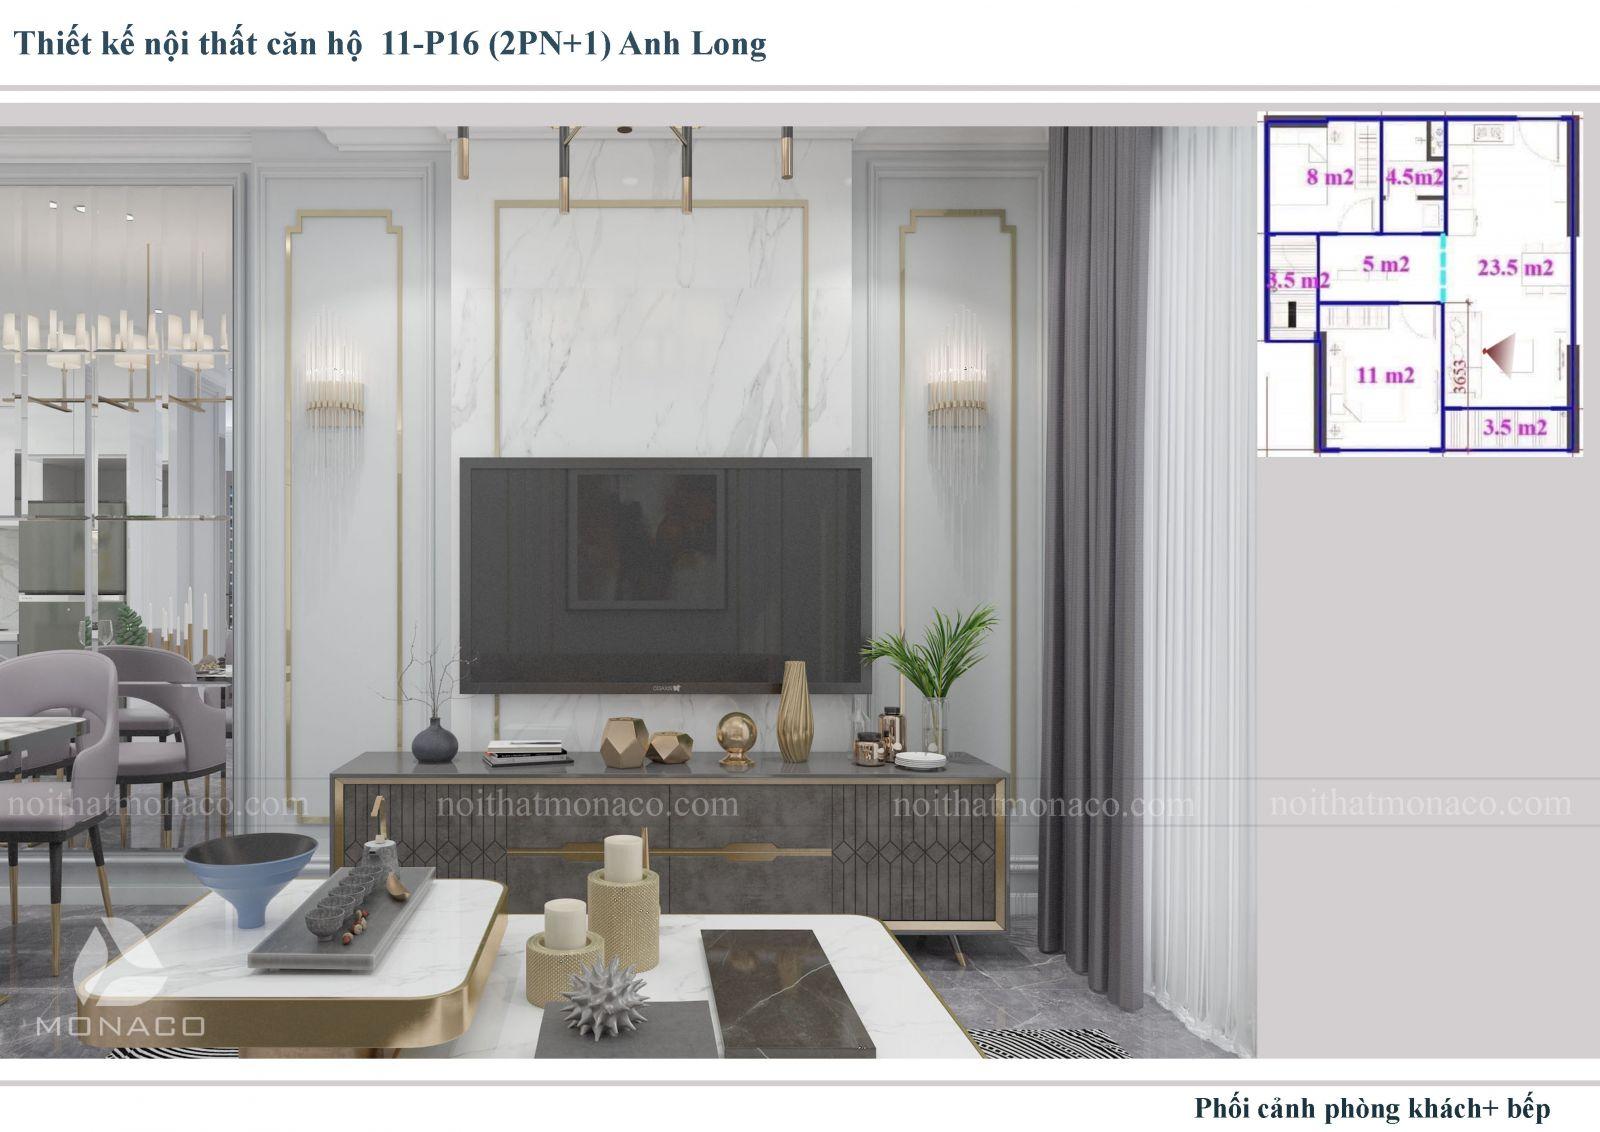 Thiết kế nội thất phòng khách và bếp chung cư Vinhomes Ocean Park